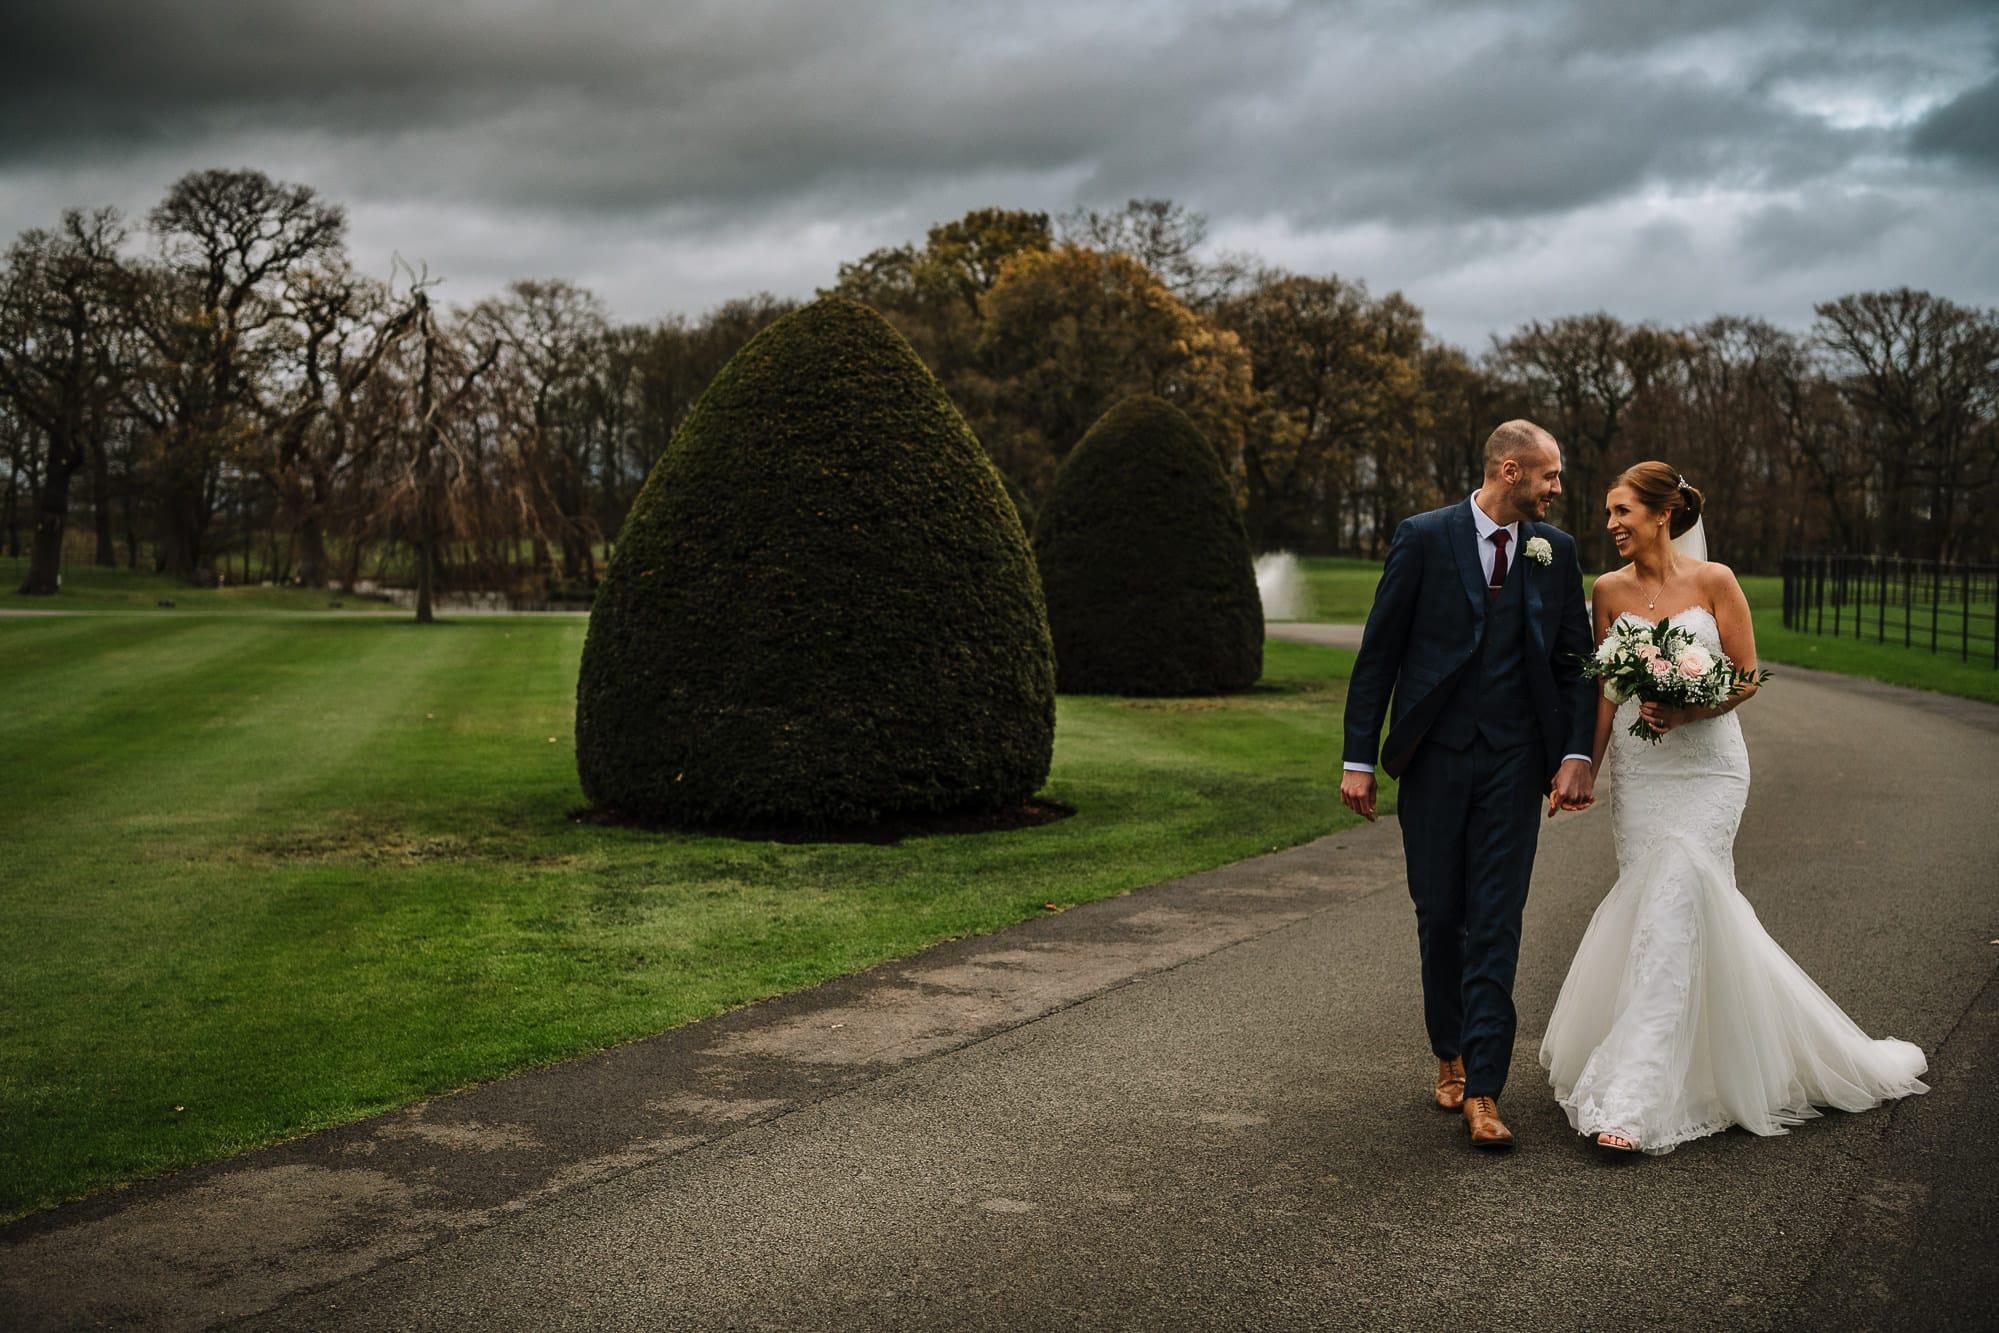 Bride and groom walking at Merrydale Manor